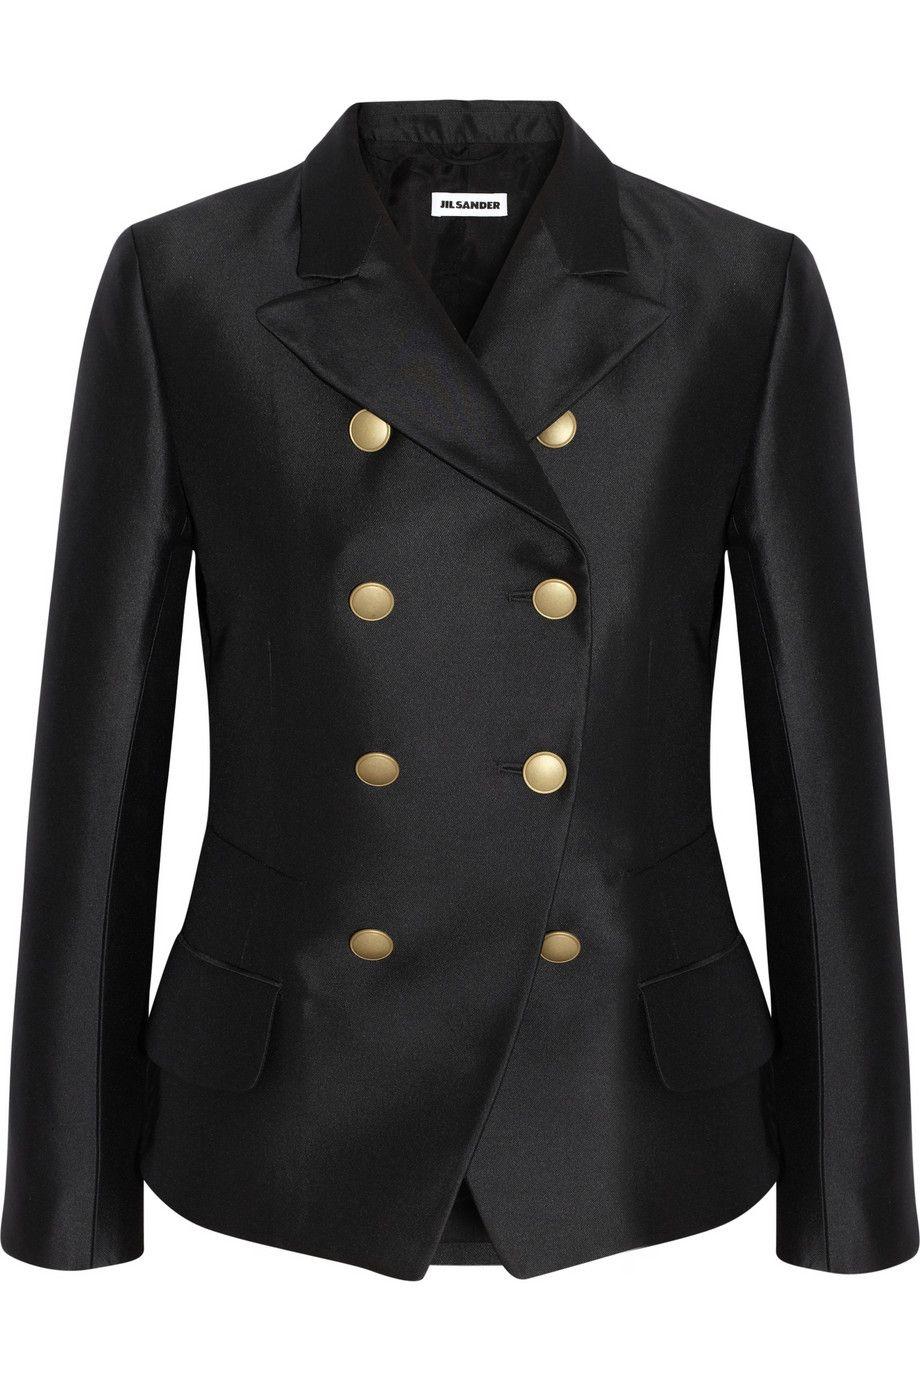 Jil Sander | Double-breasted silk-blend twill blazer | NET-A-